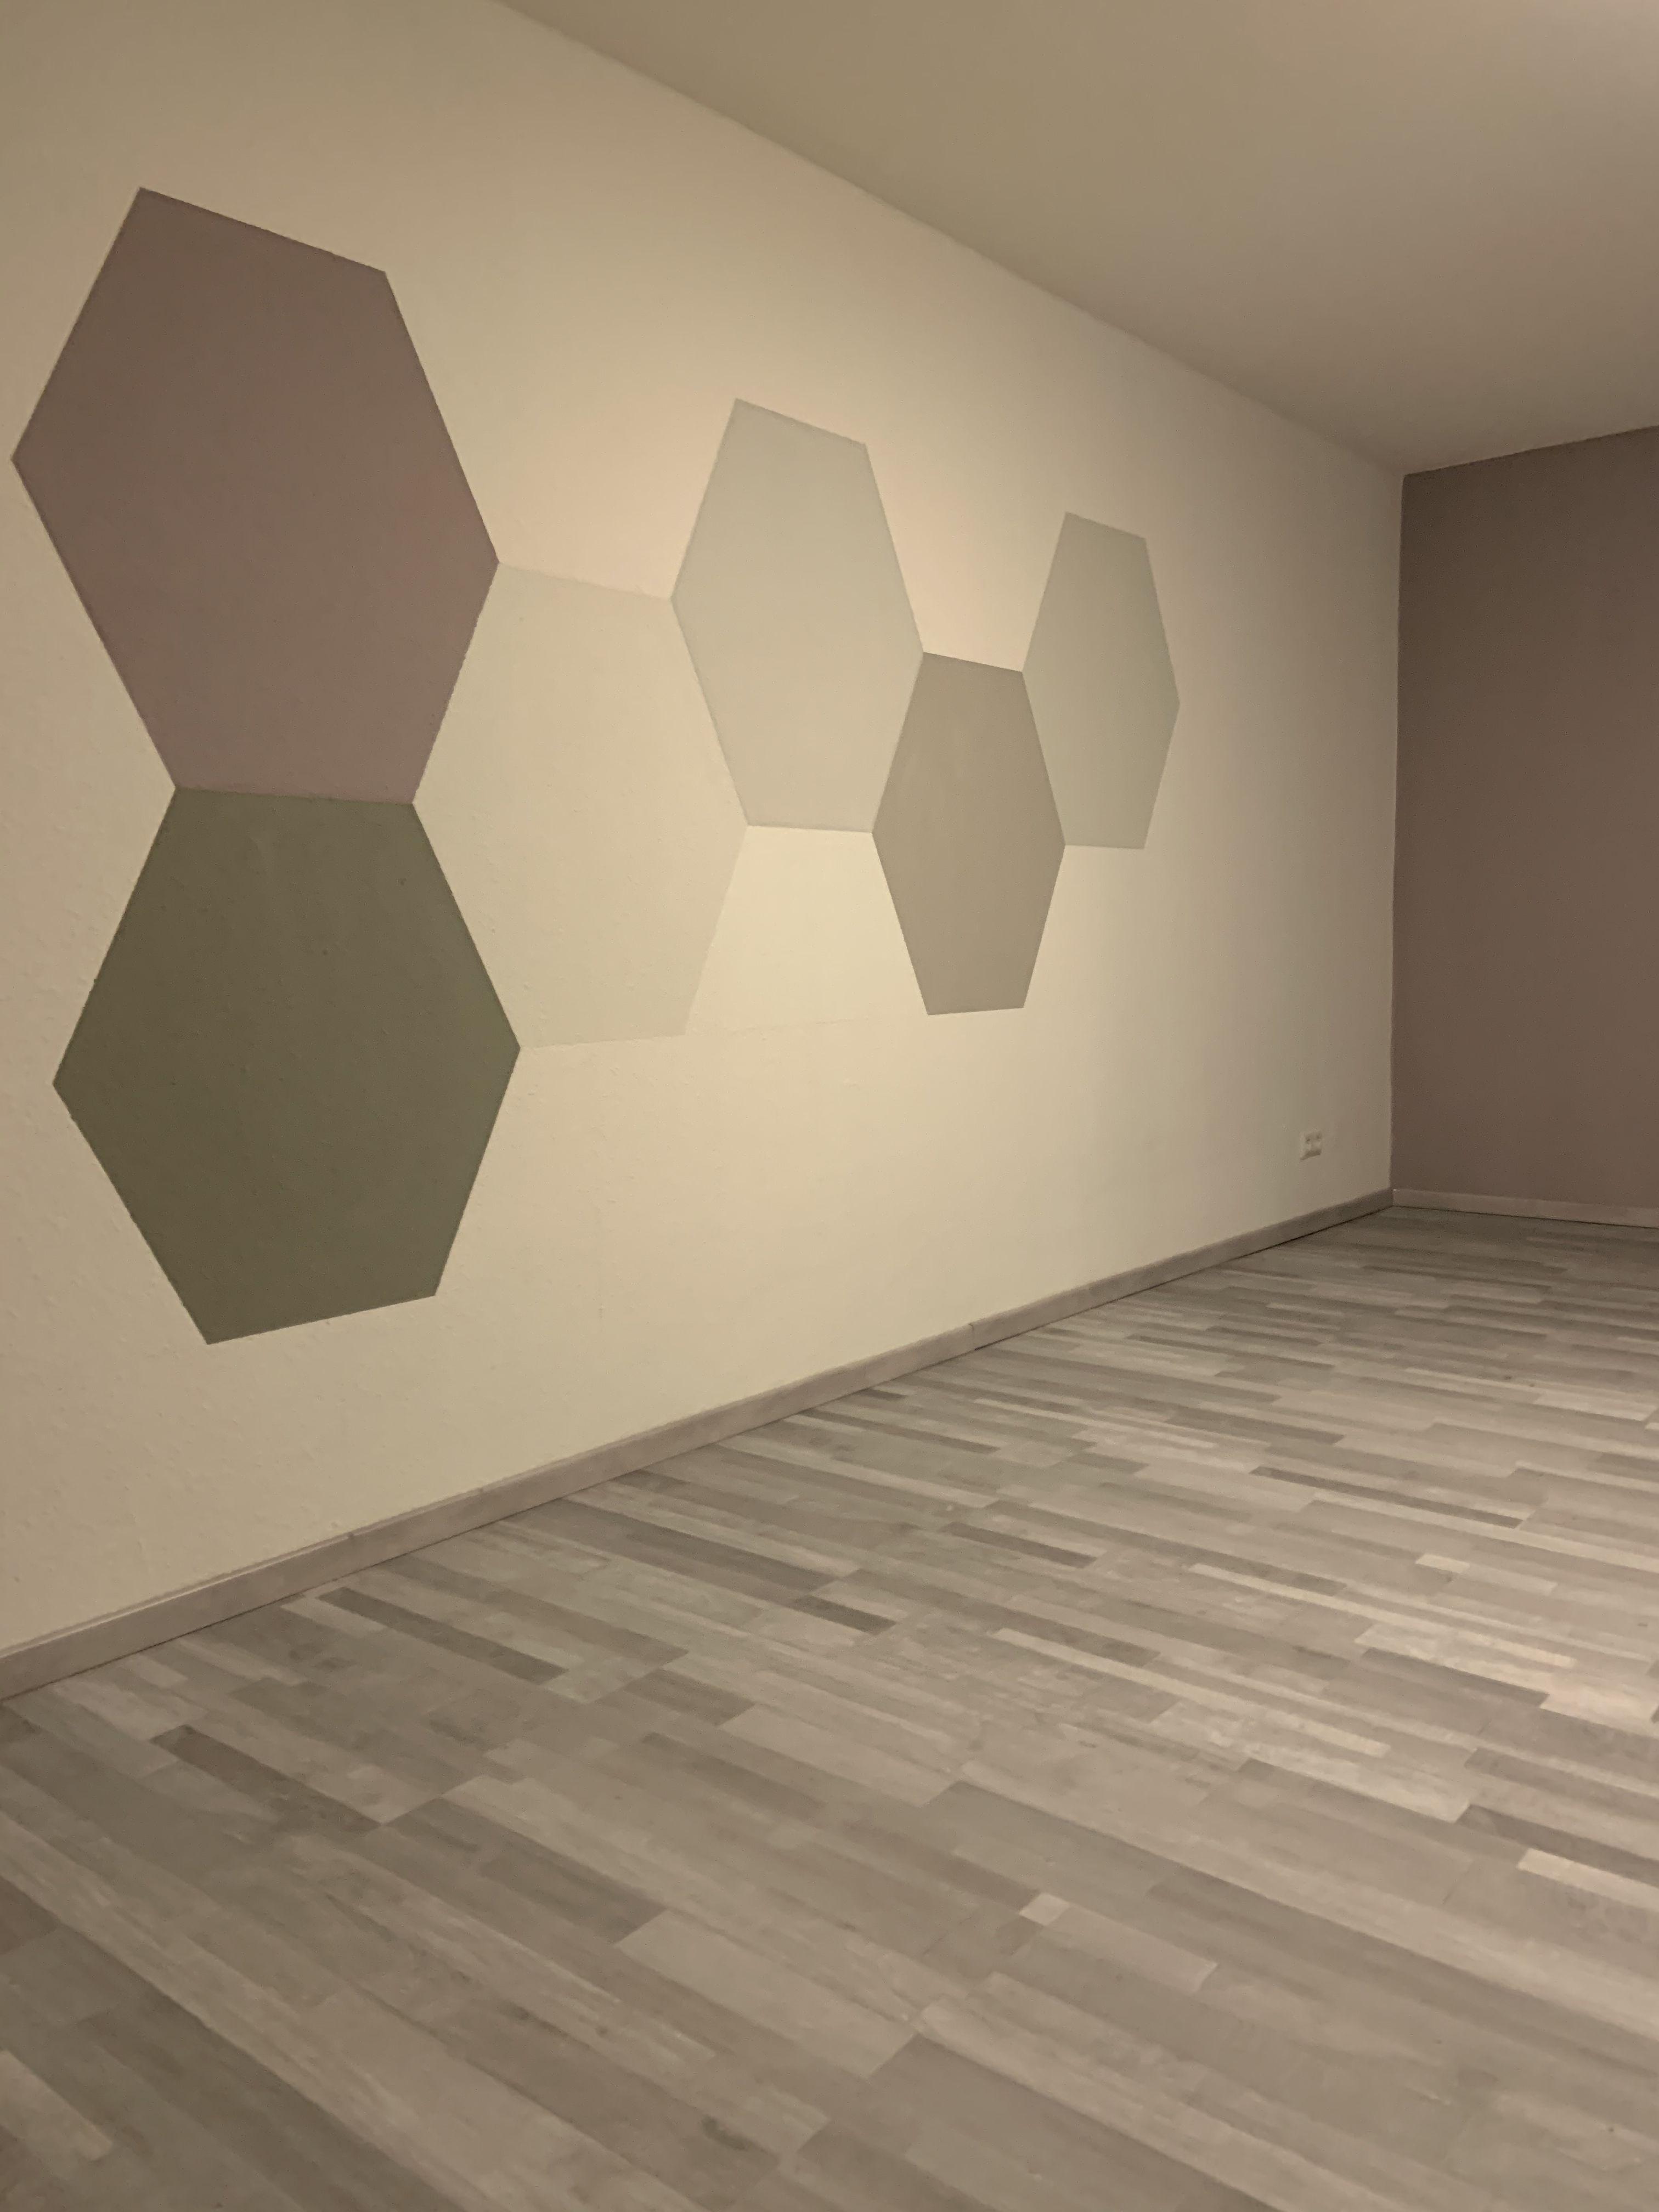 Wand Streichen Ideen Sechsecke Wandgestaltung Wohnzimmer Wände Streichen Wände Streichen Ideen Wandgestaltung